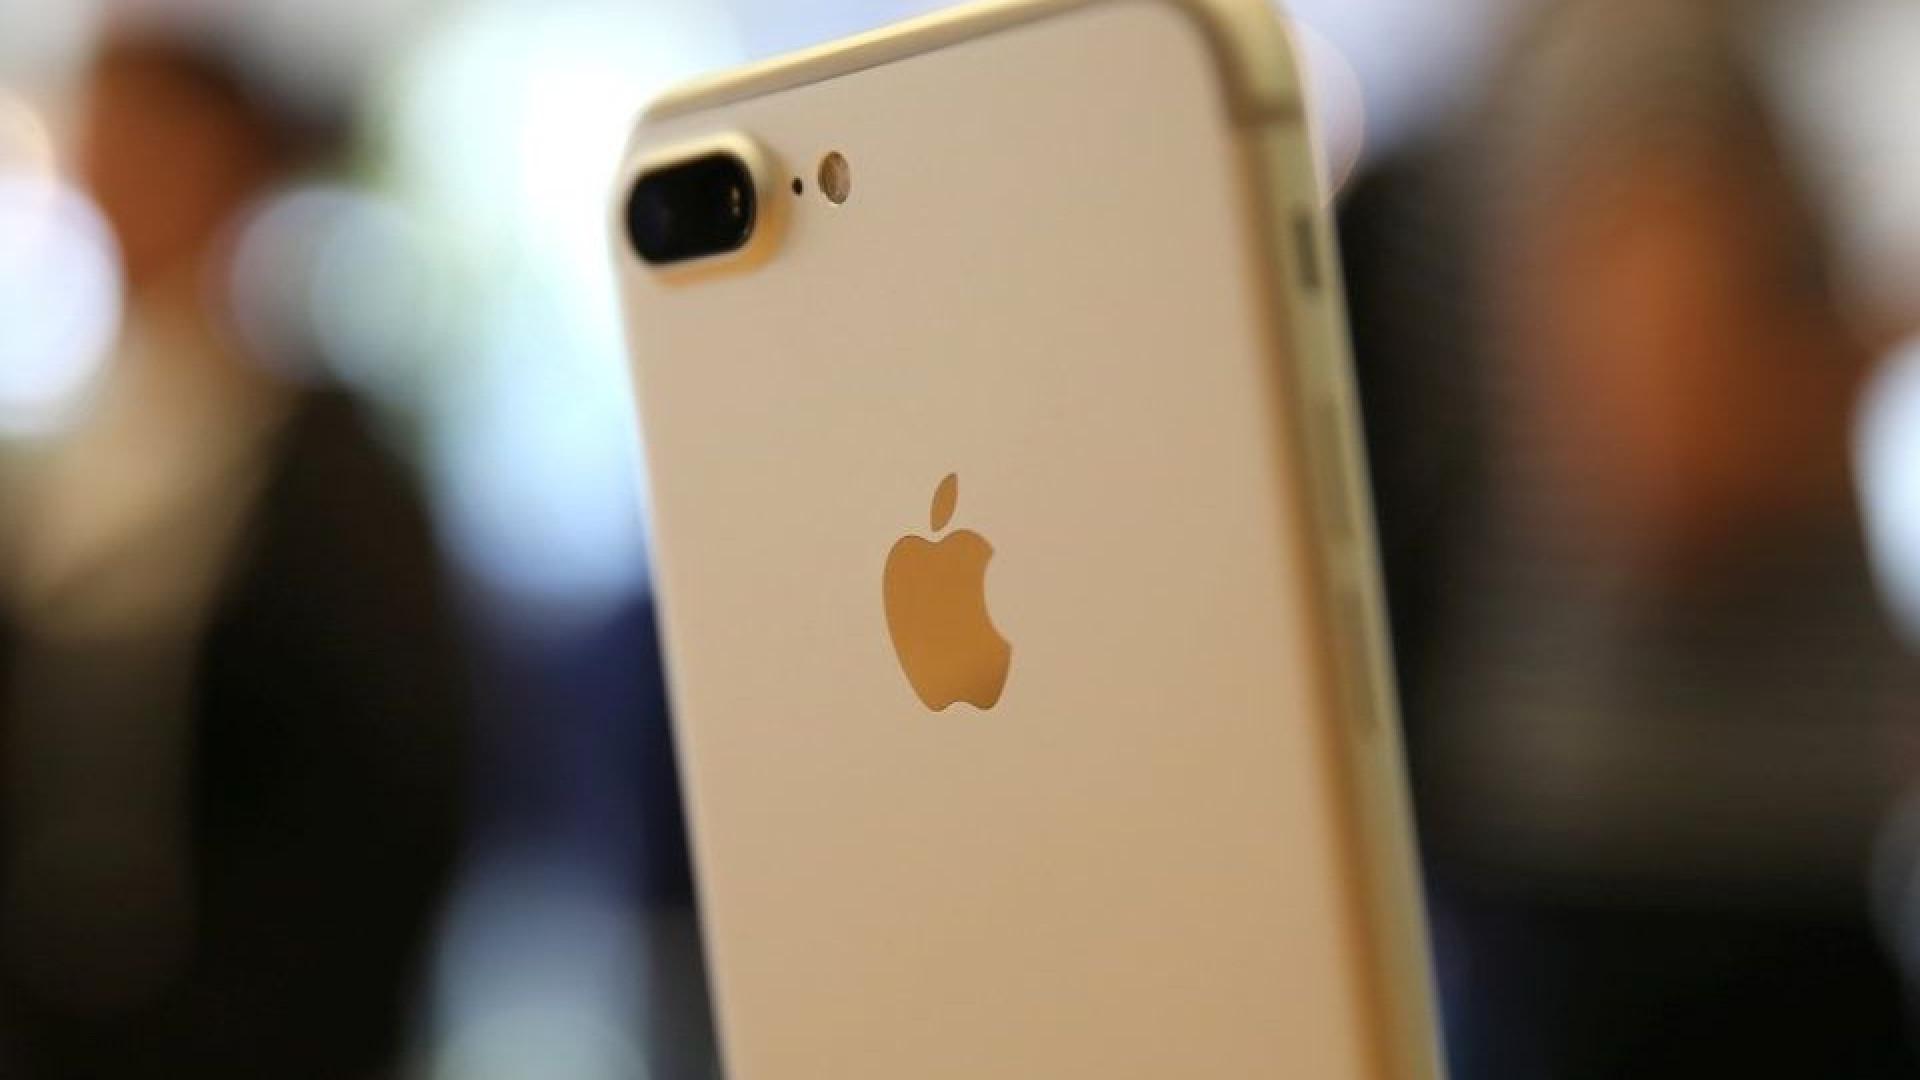 iPhone lidera ranking de celulares que mais emitem radiação no Brasil